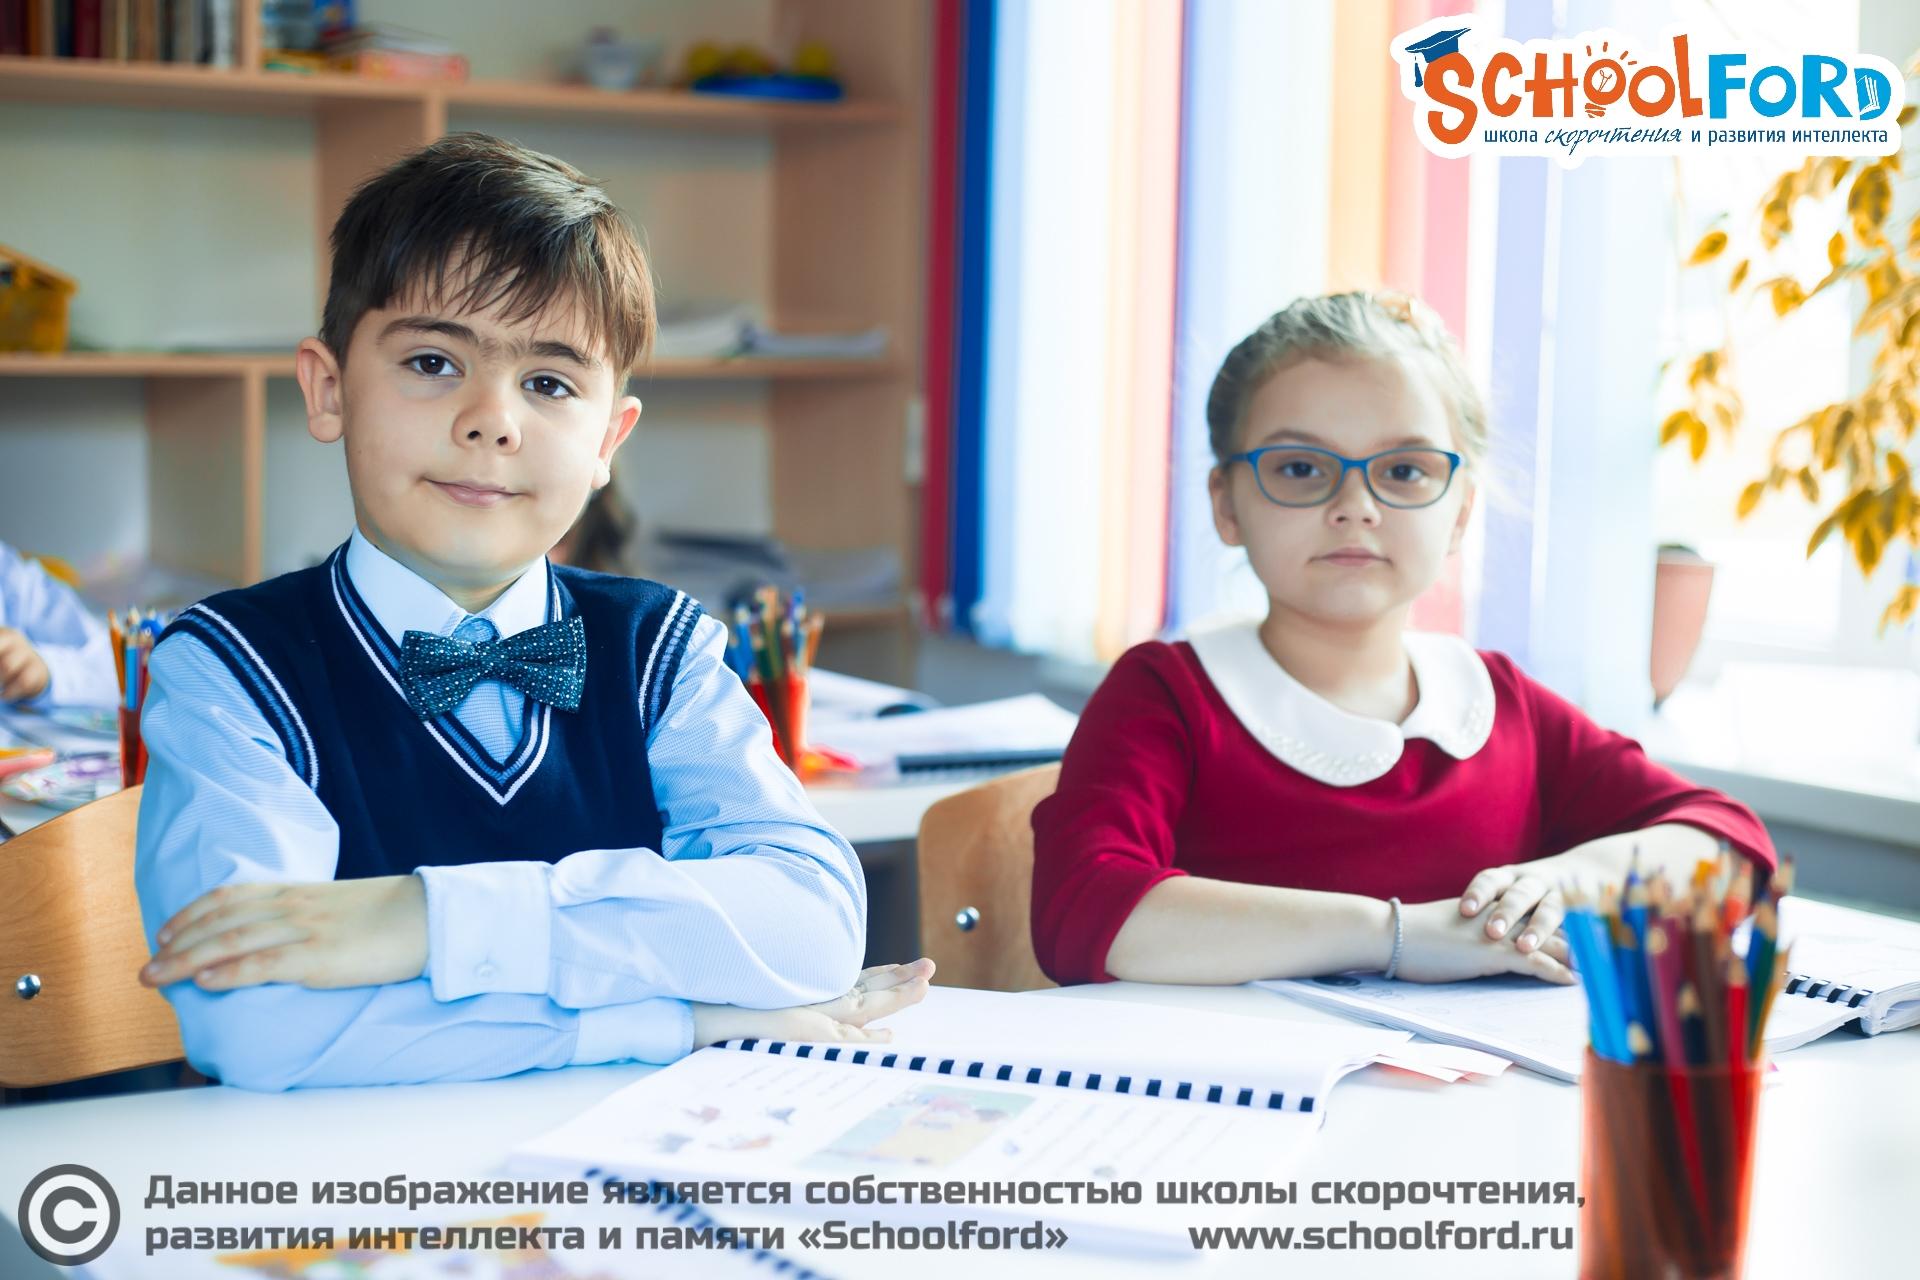 Занятия на курсе «Маленький интеллектуал» 3 ступень. Фото №6